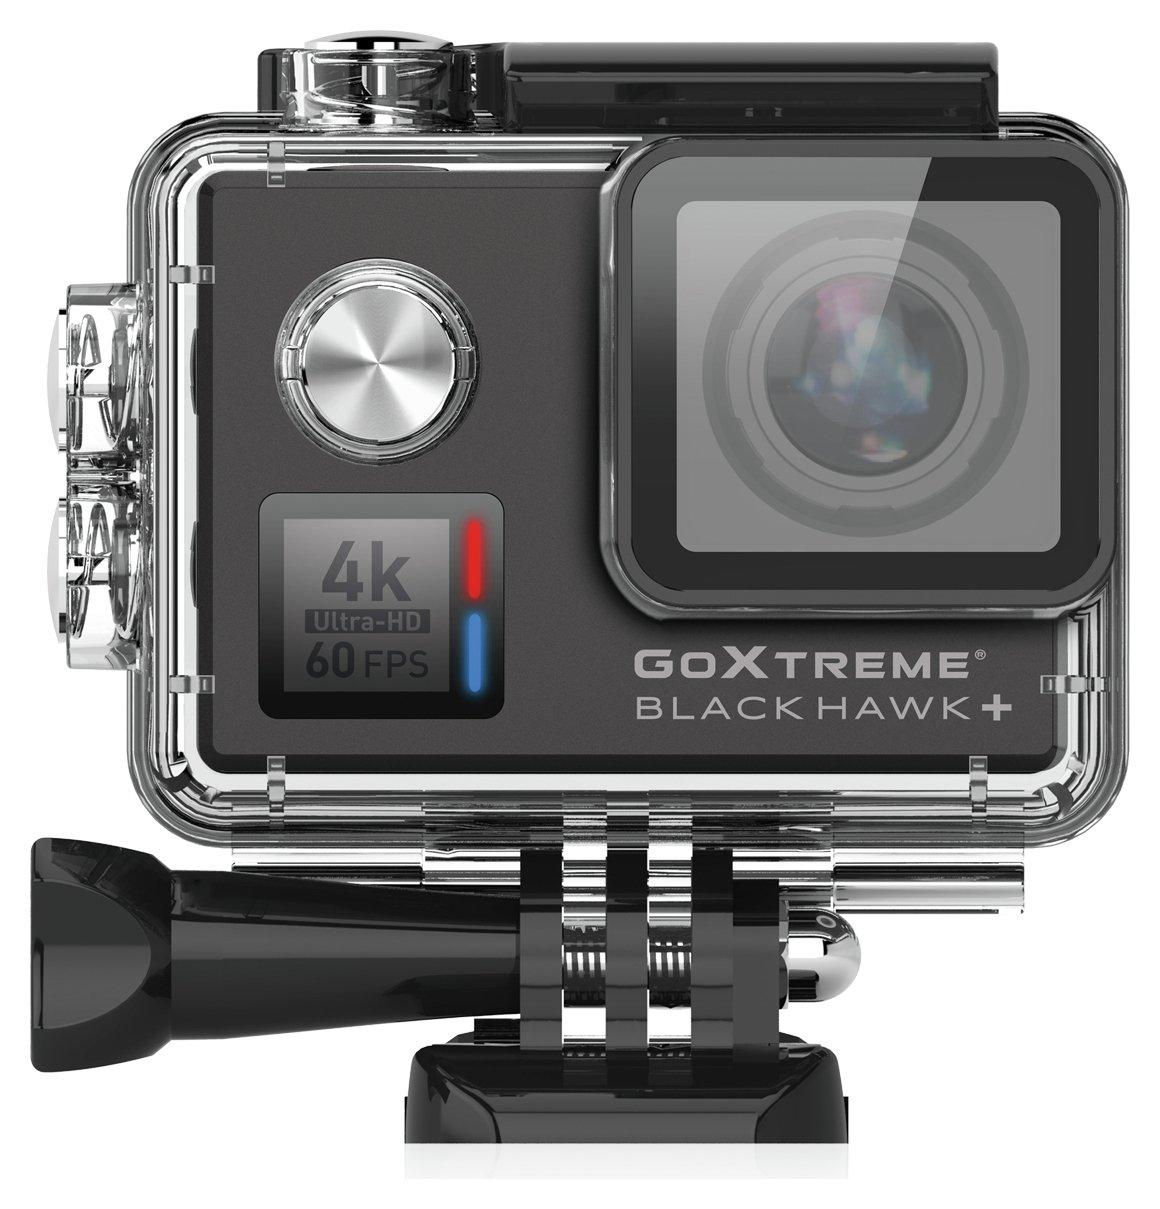 GoXtreme Black Hawk+ 4K Action Cam